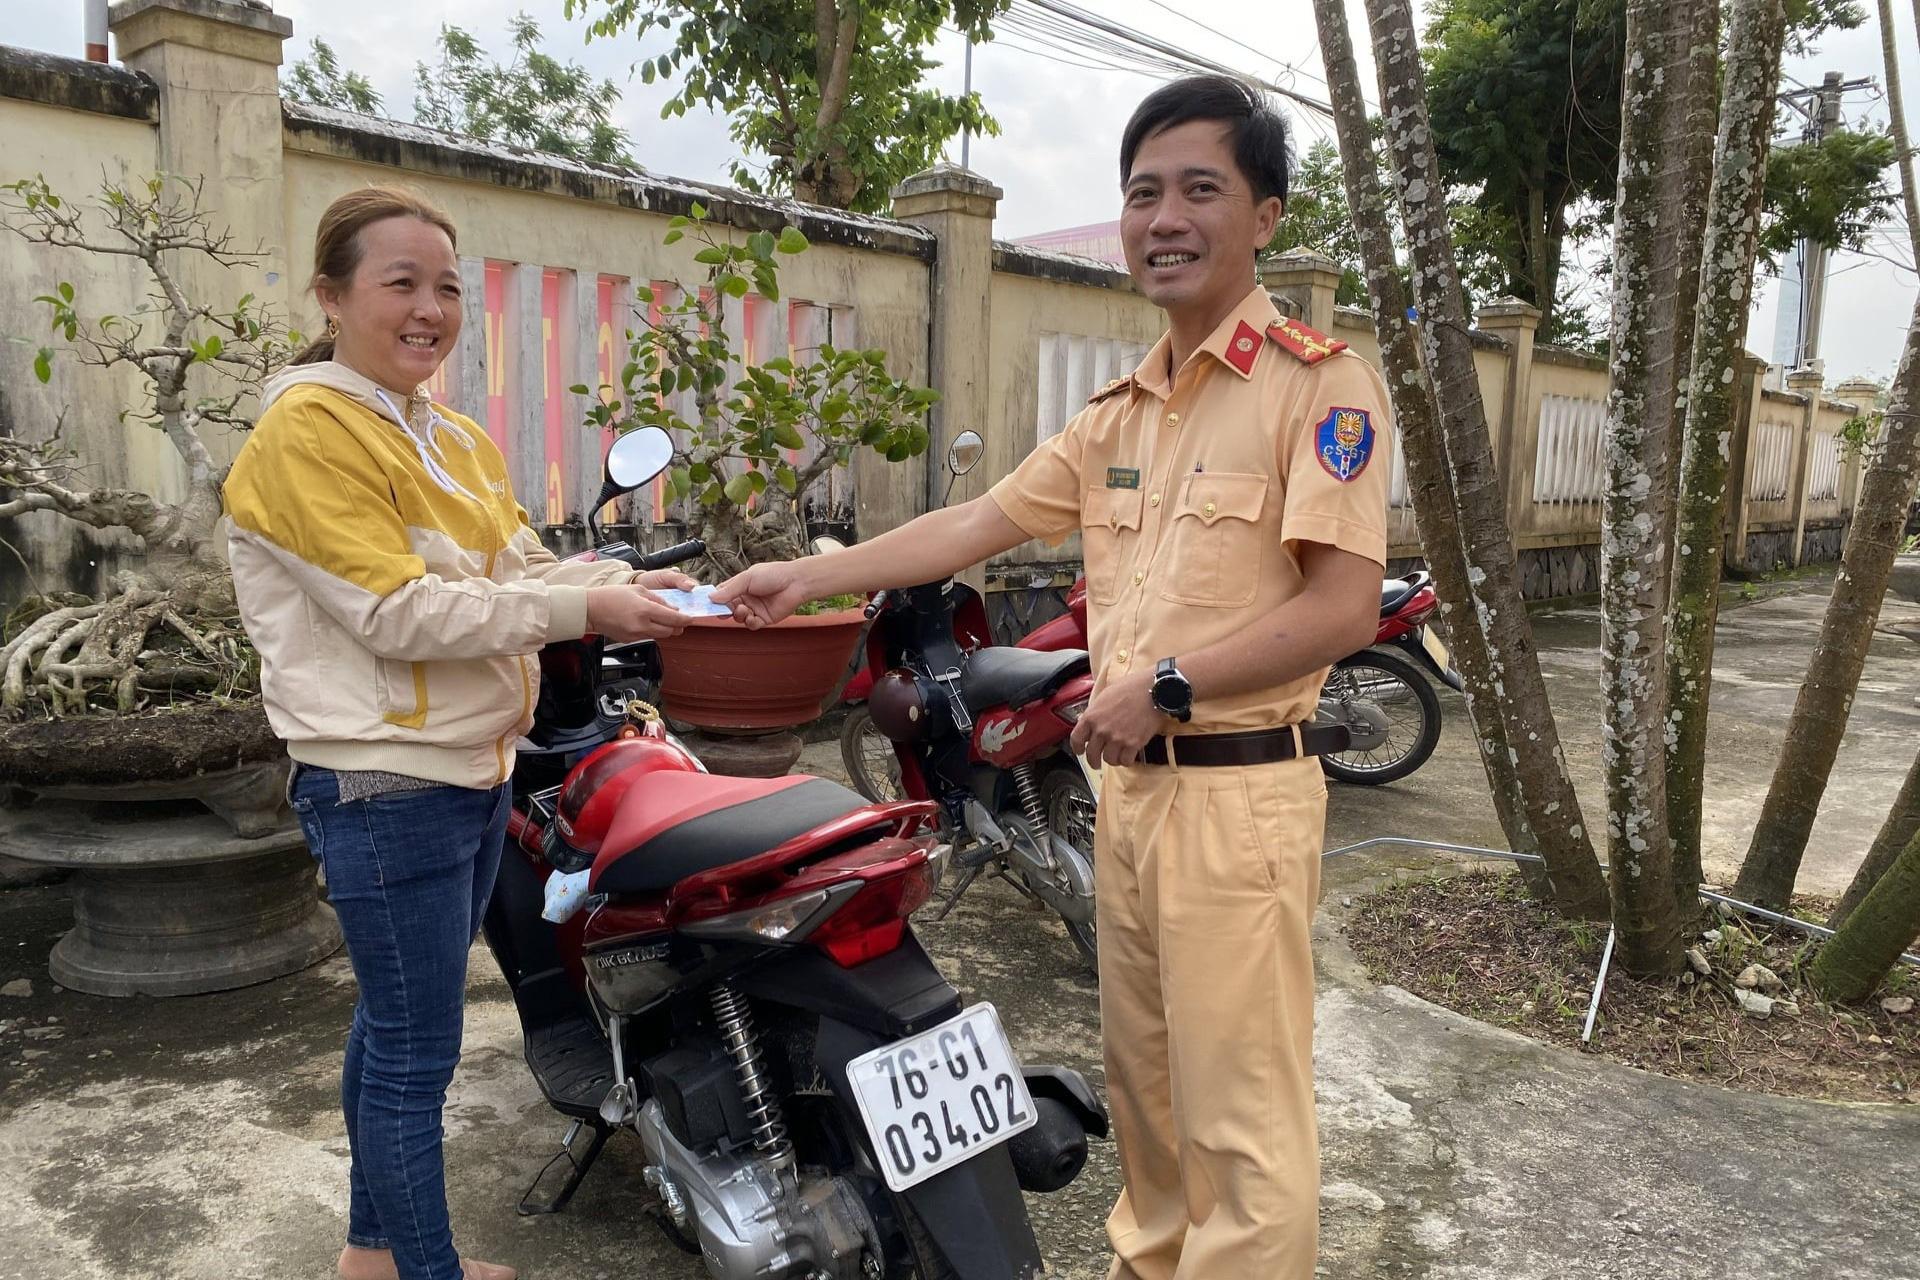 Bất ngờ được nhận lại xe máy bị mất trộm 7 năm trước - Ảnh 1.